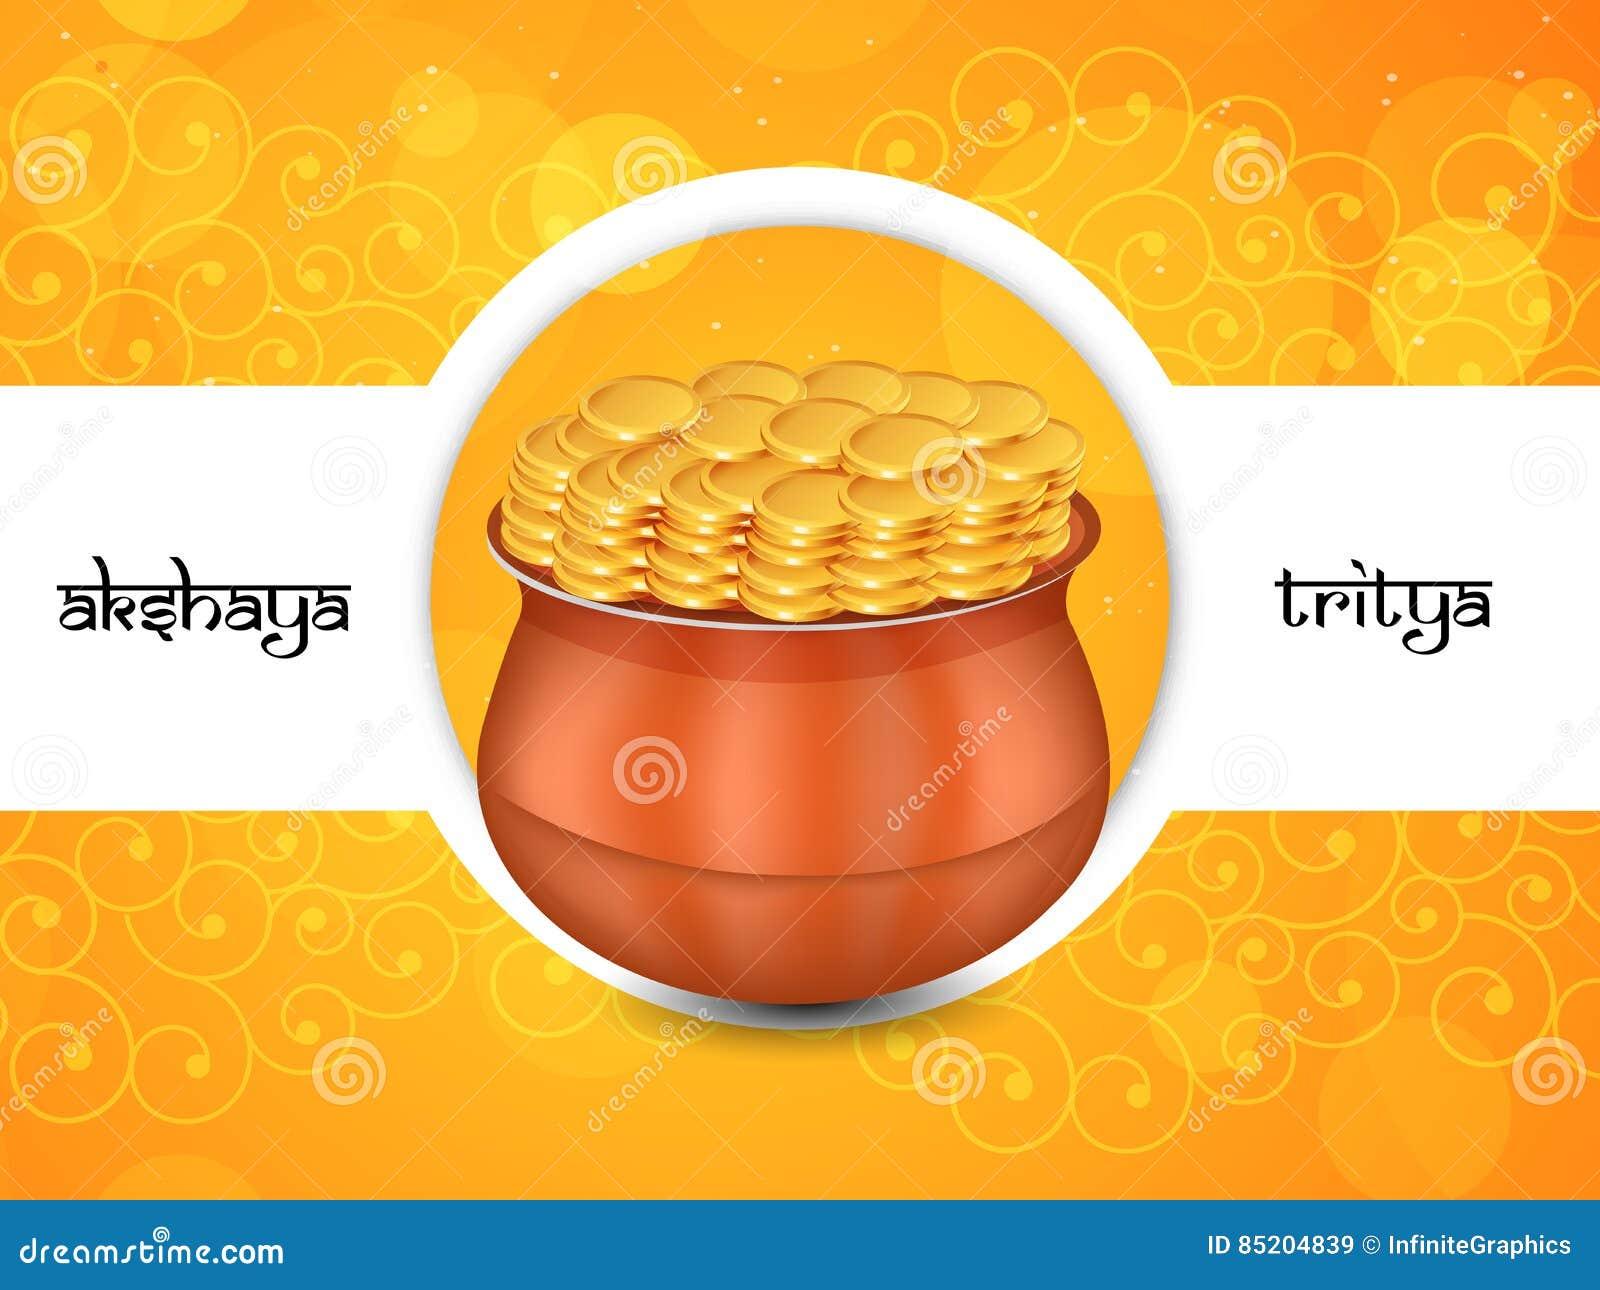 Akshaya Tritiya Background Illustration 85204839 Megapixl